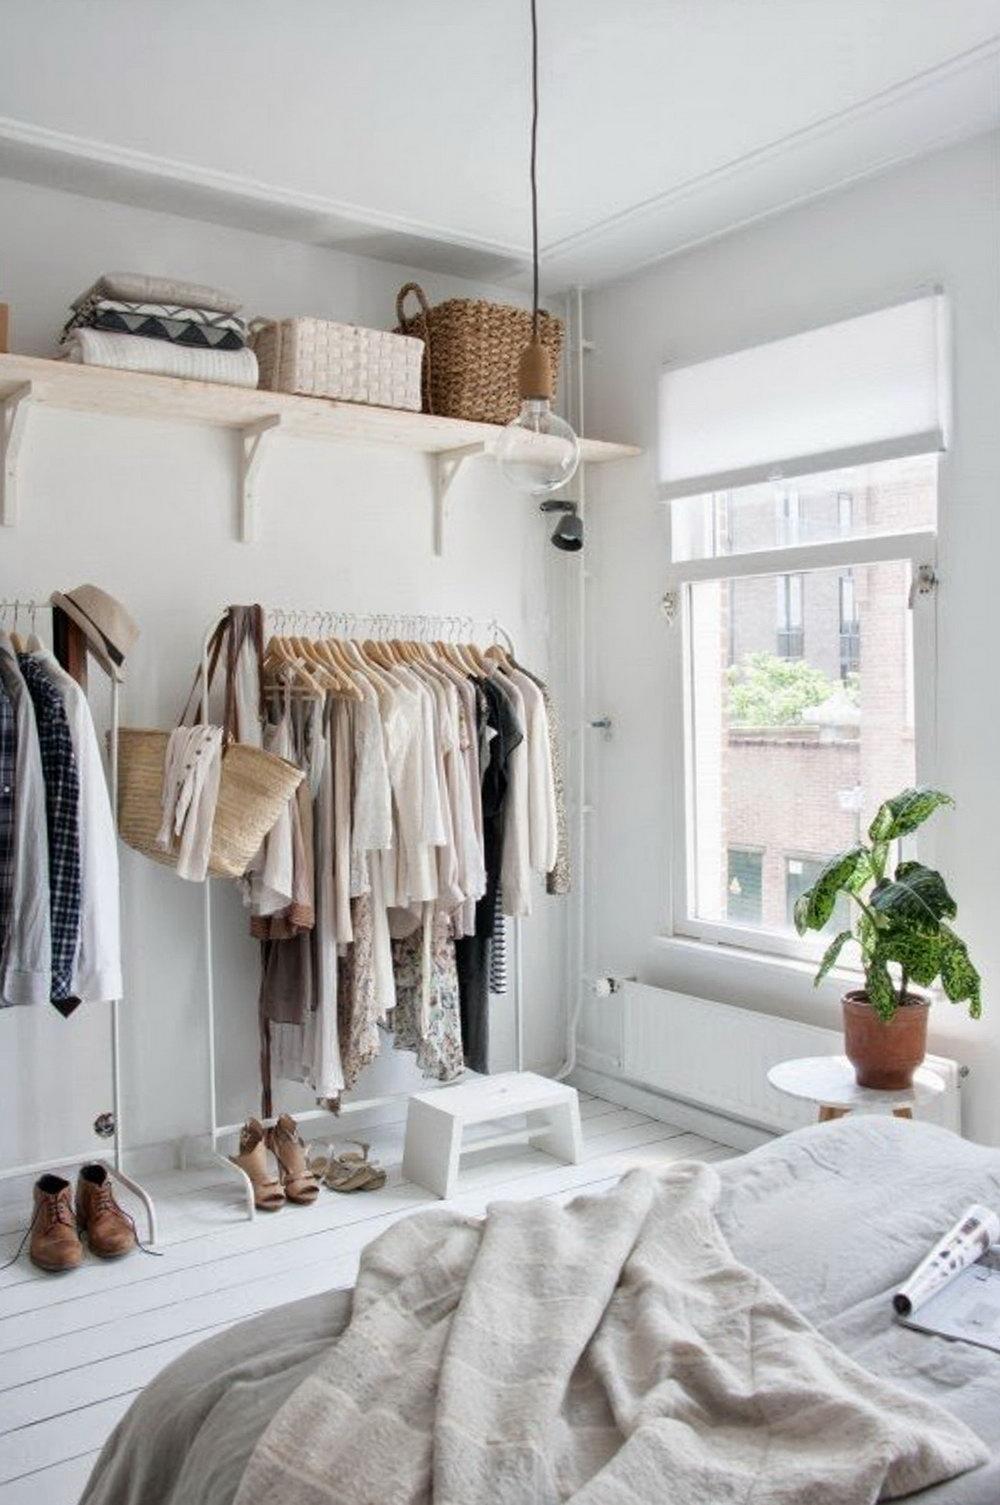 No Coat Closet In Apartment